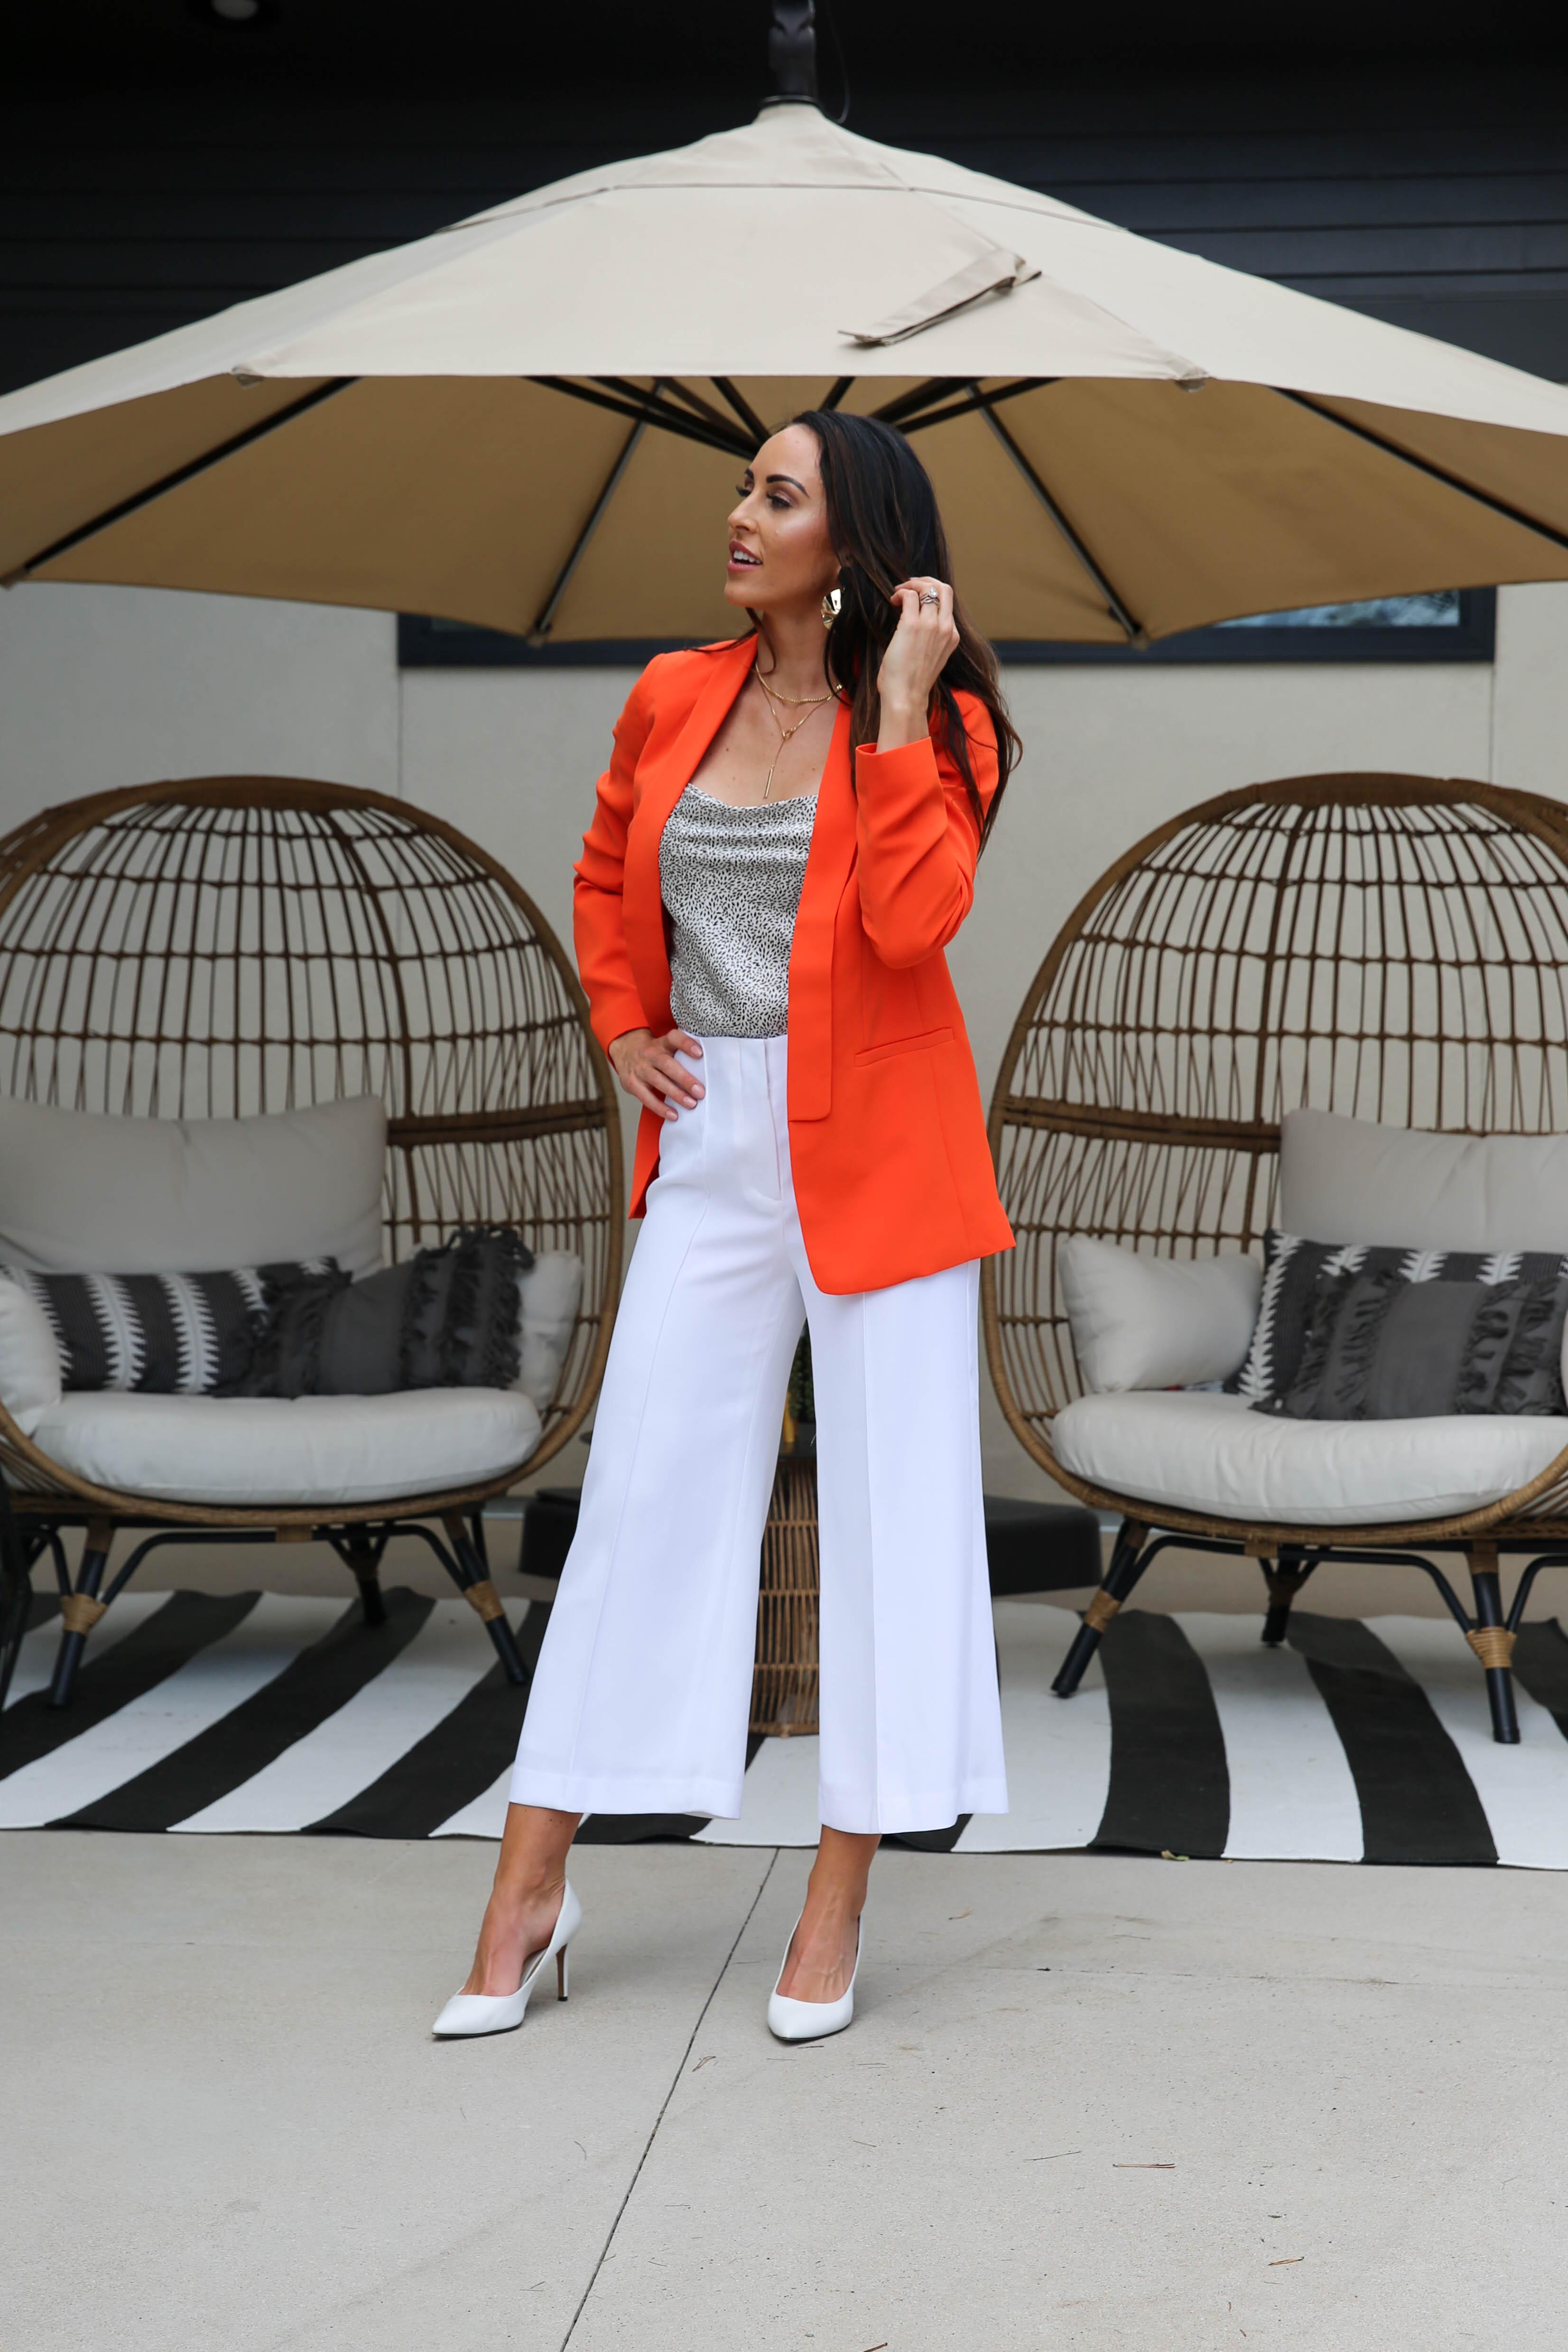 PaleOMG Three Ways To Wear a Blazer in Summer